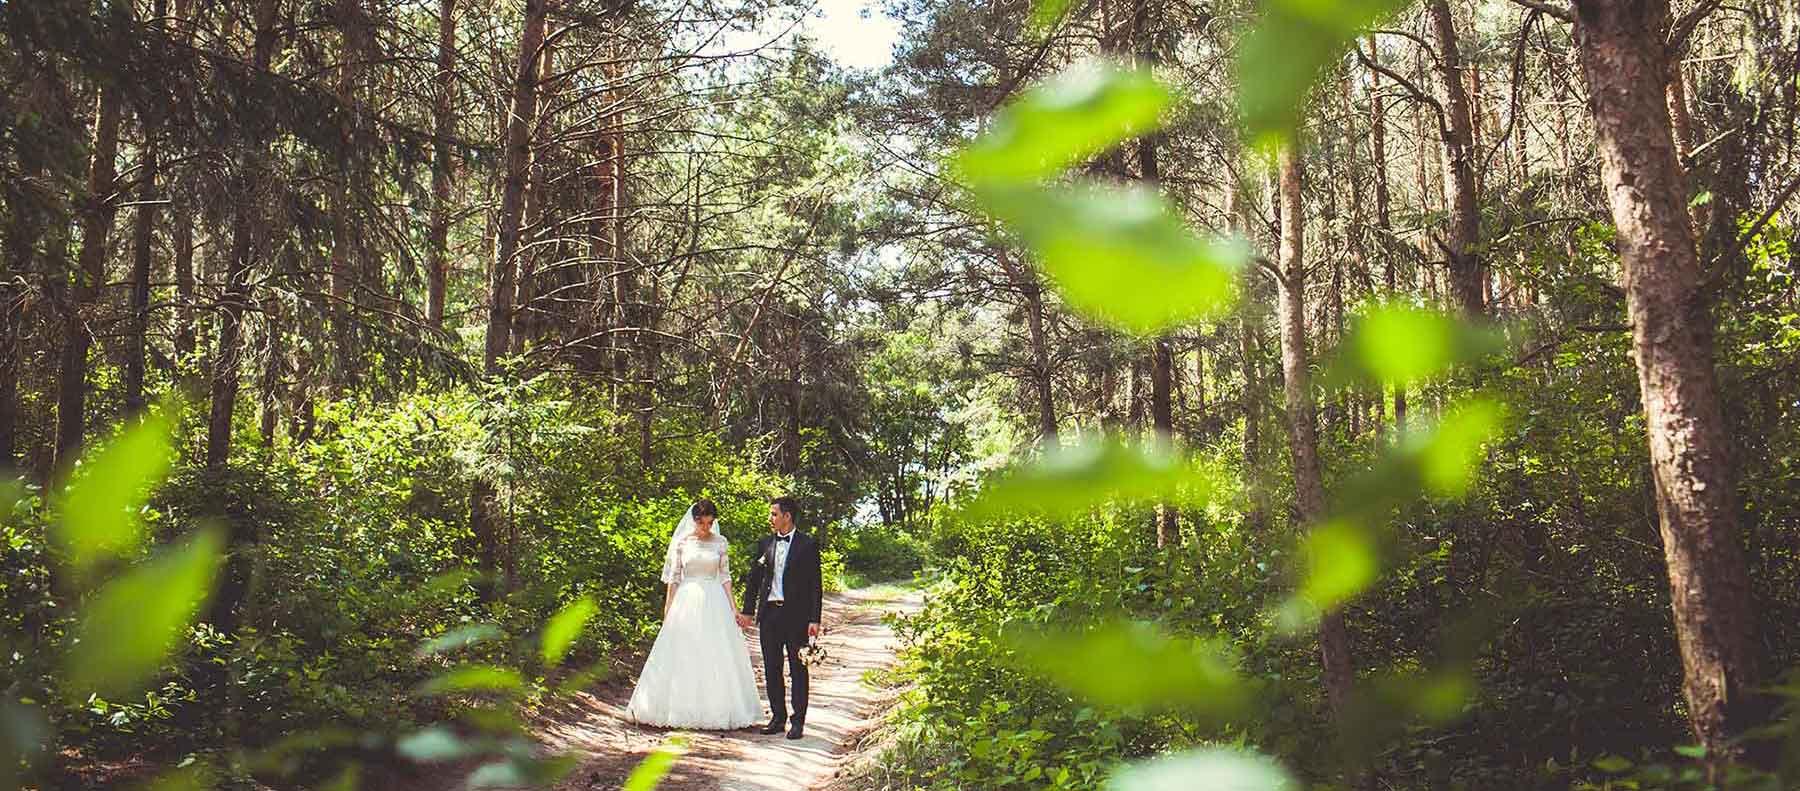 Outdoor Wedding Venues in South NJ